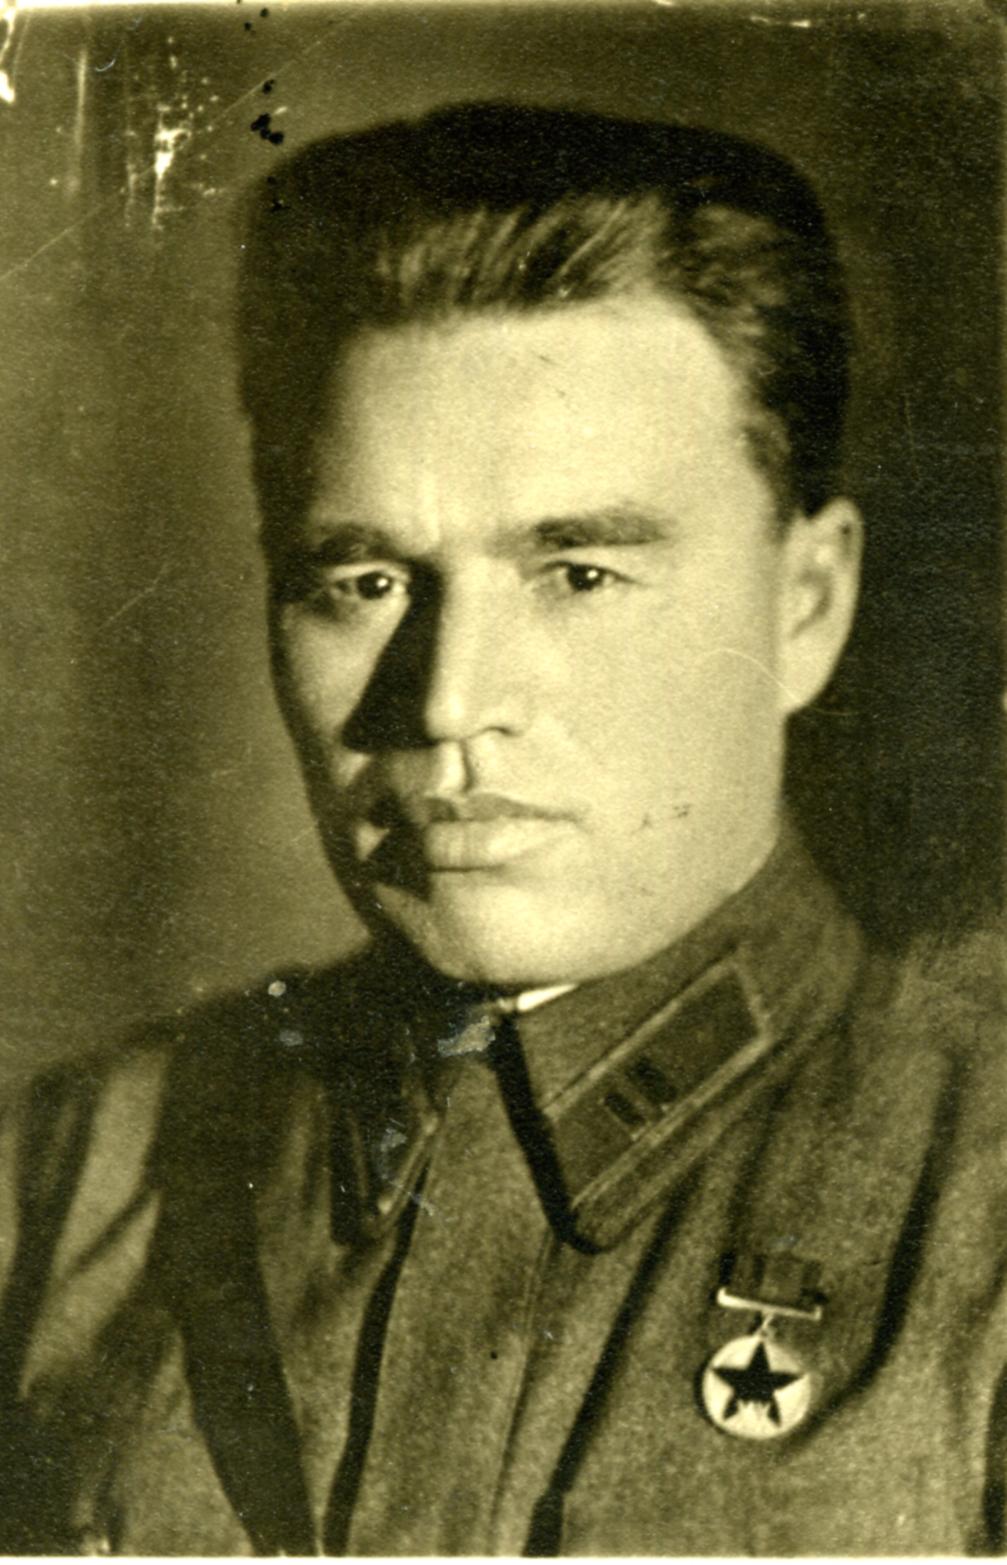 Майор П.М. Гаврилов – легендарный защитник Брестской крепости. 1941 ©Tatfrontu.ru Photo Archive